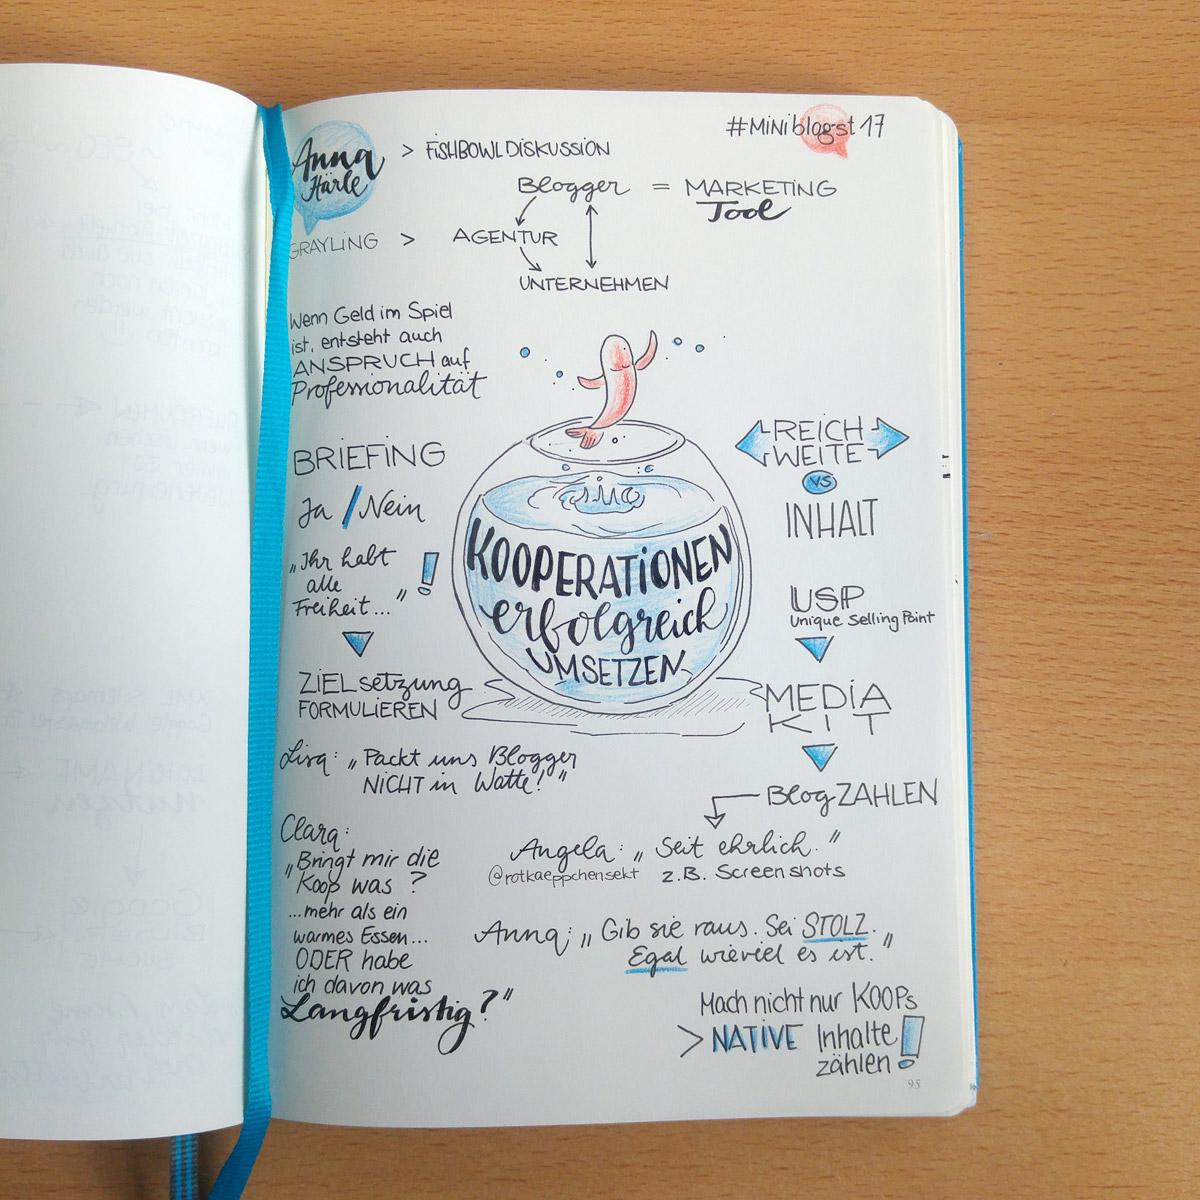 Sketchnote oder besser Graphic Recording -wenn auch sehr Textlastig- zur Fish Bowl Diskussion auf der MiniBLOGST 2017.